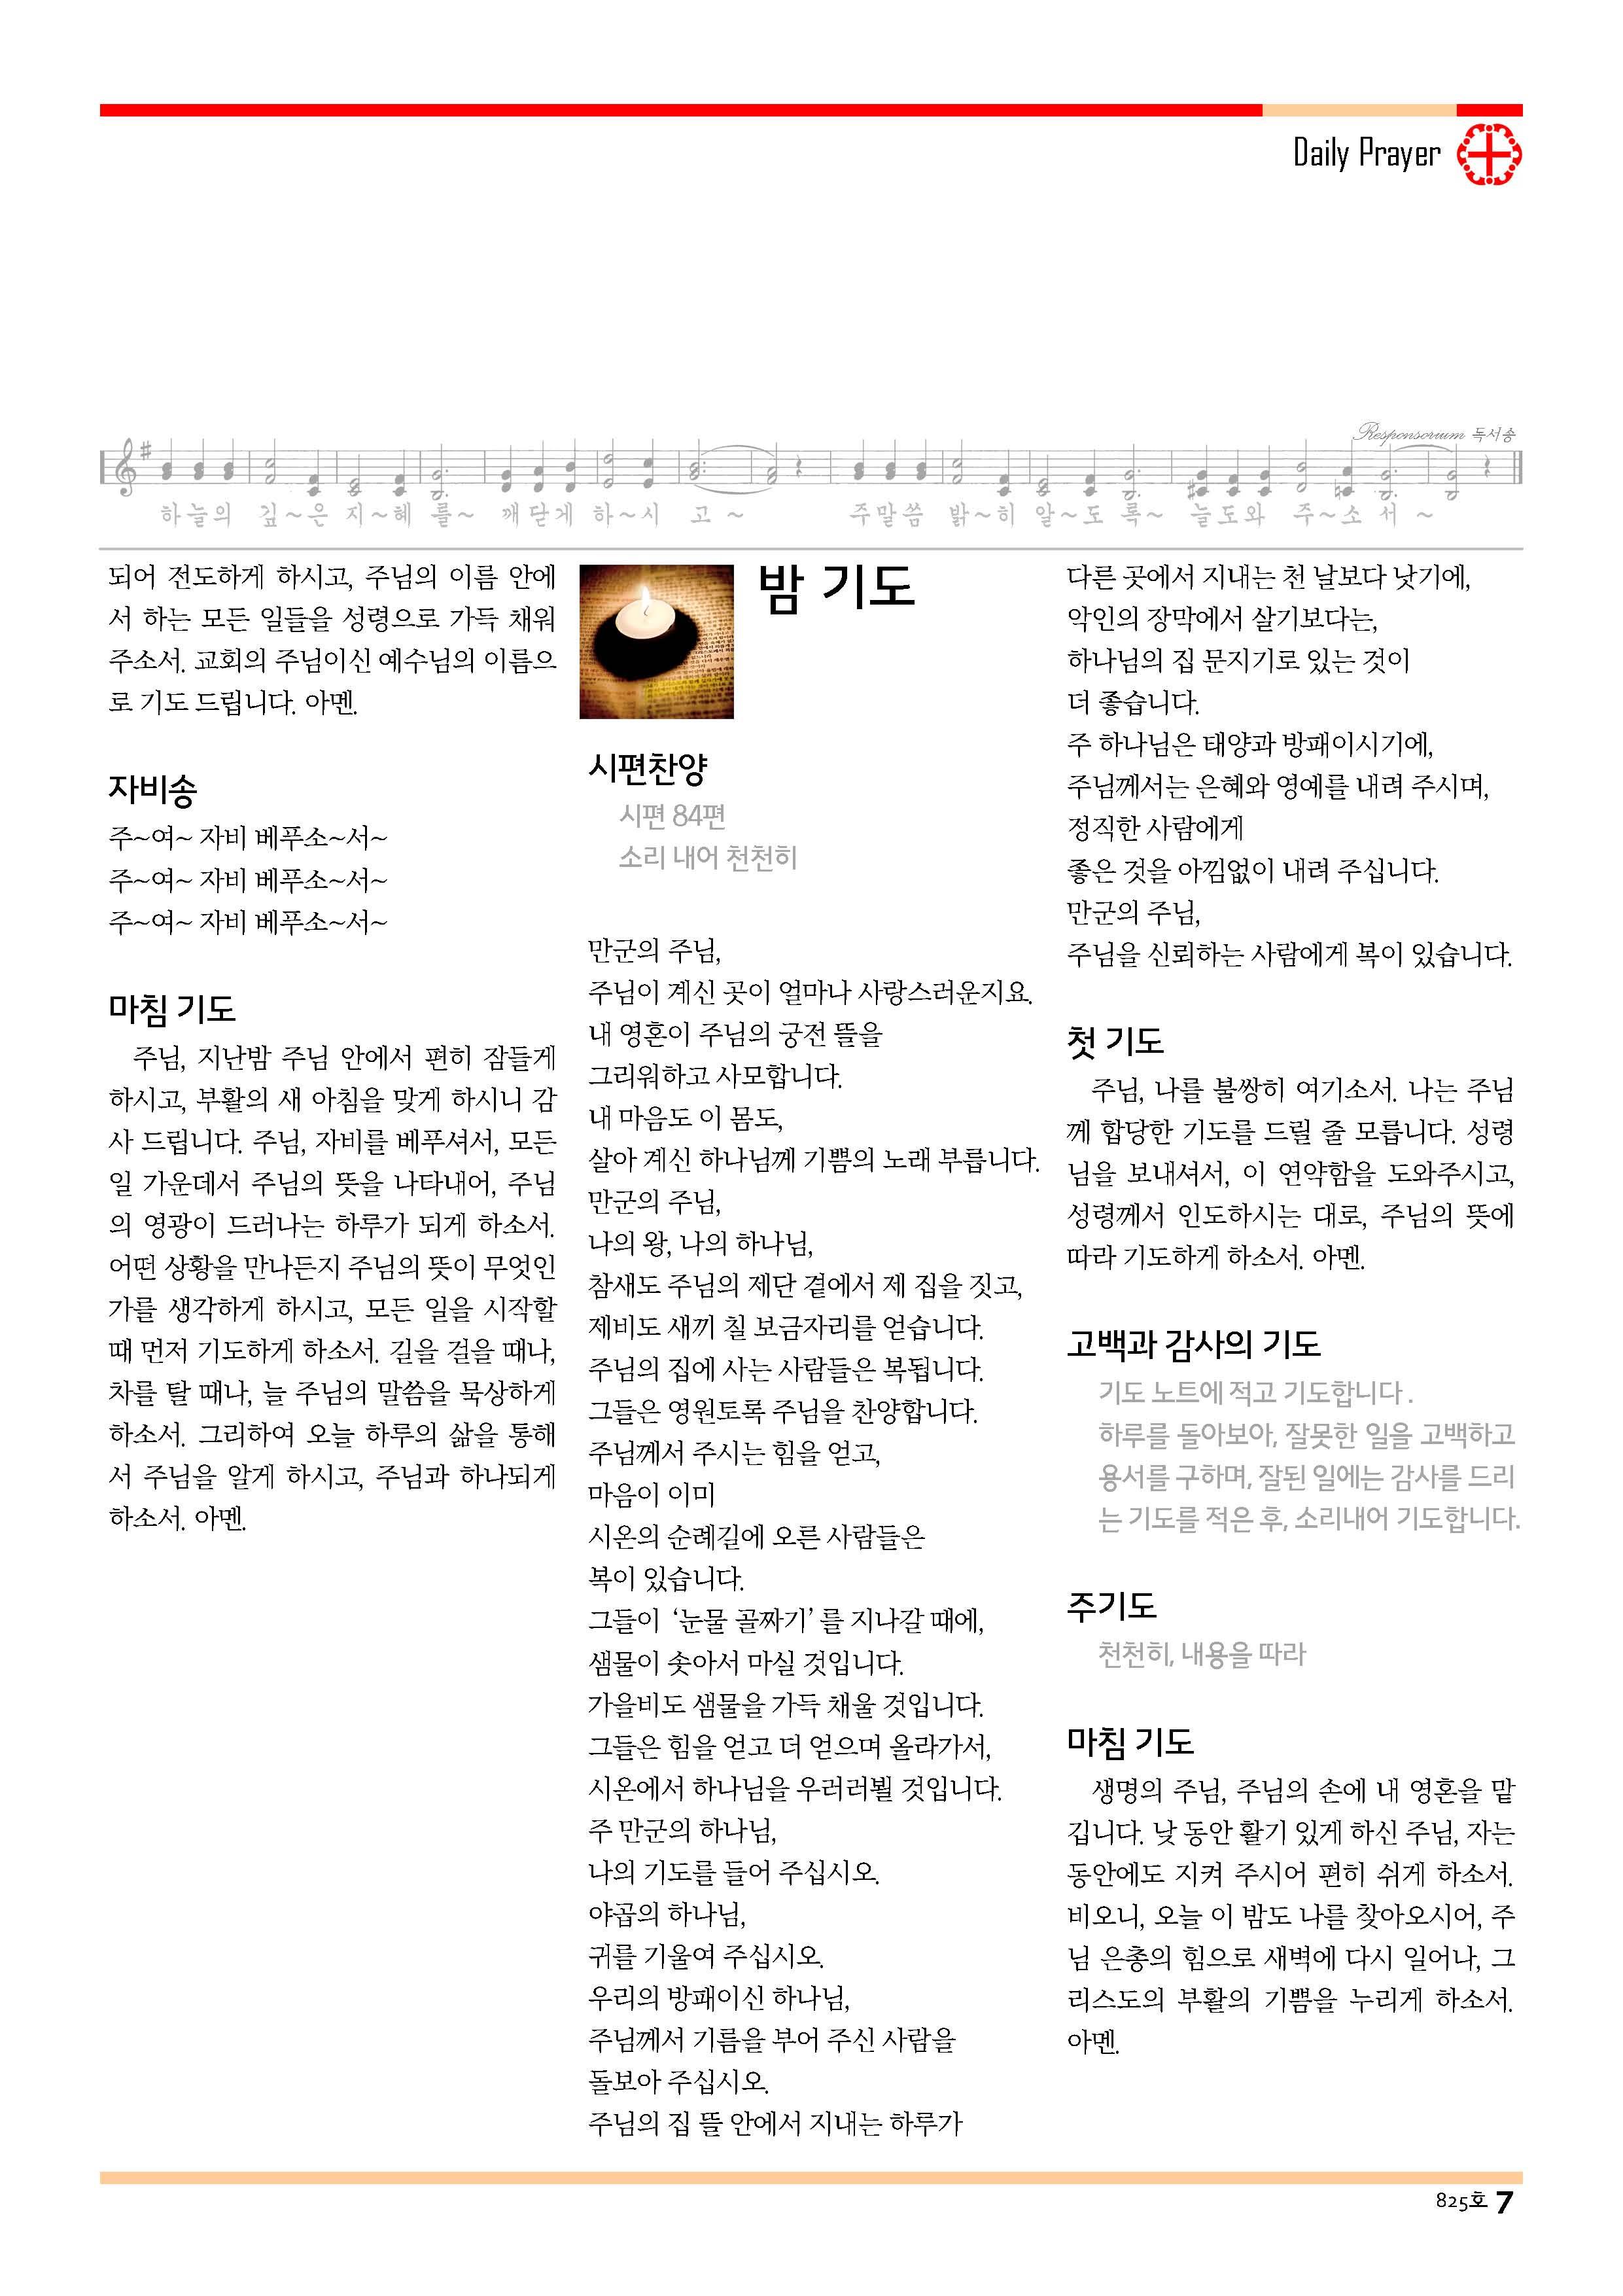 13sdjb0818_Page_07.jpg